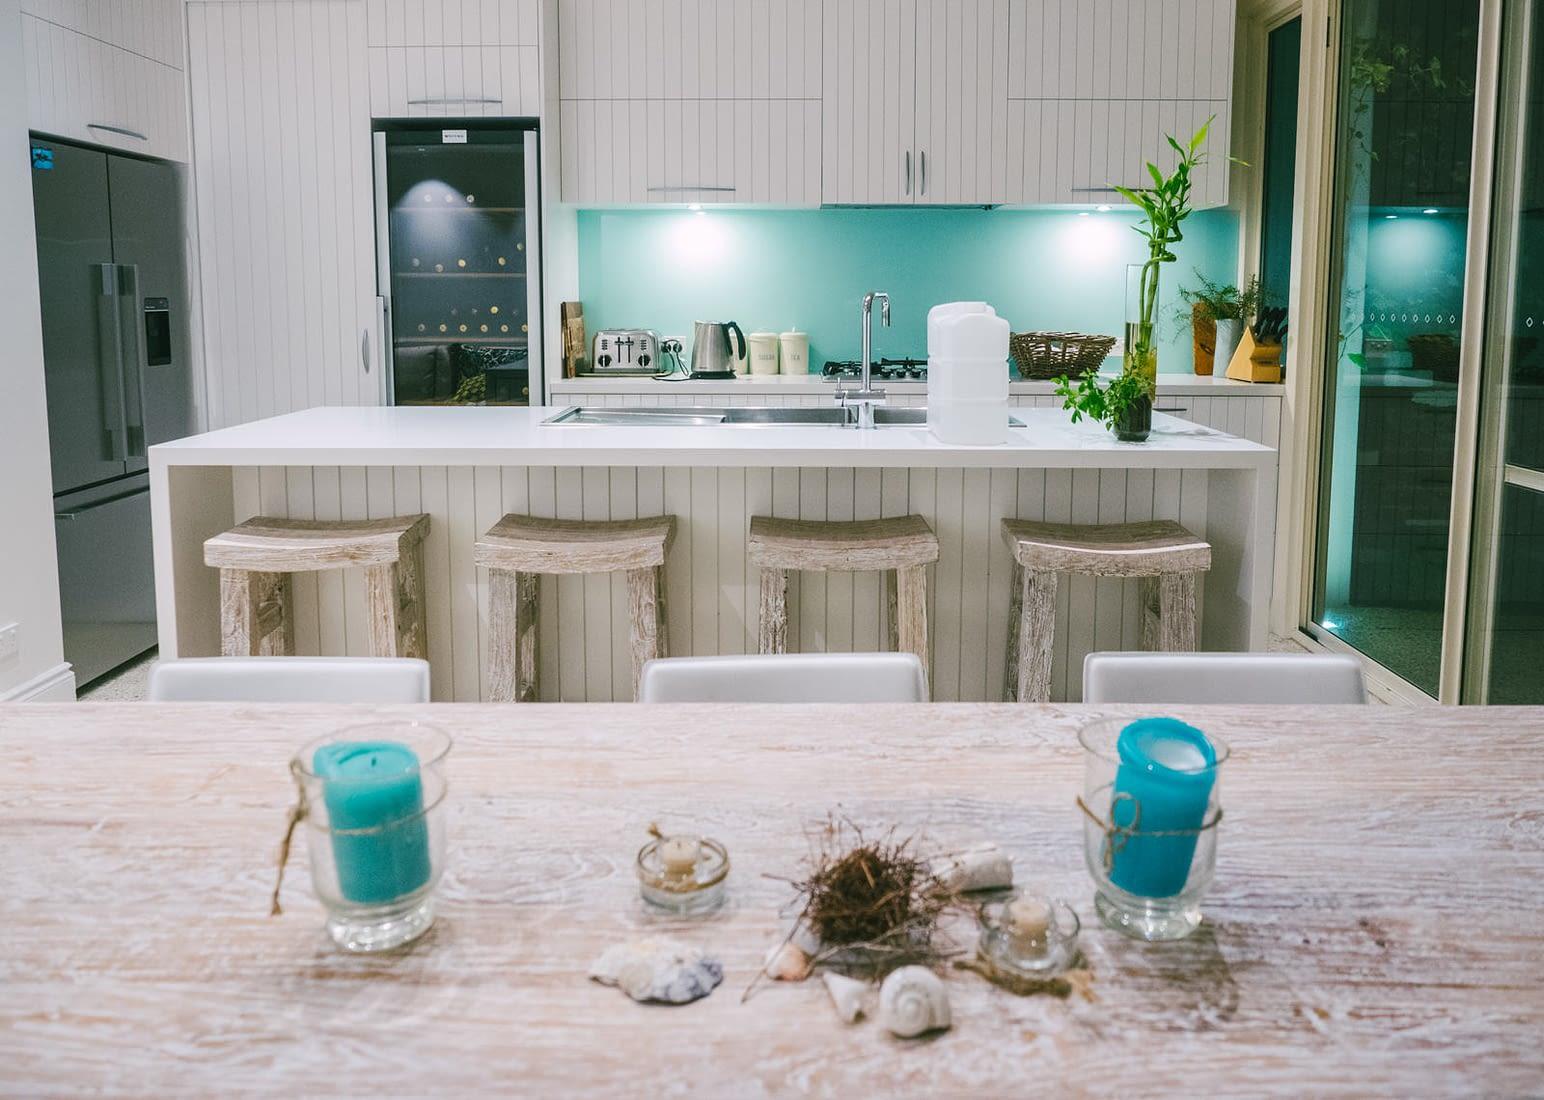 Perth, Australia - Beach Theme Airbnb - Kitchen